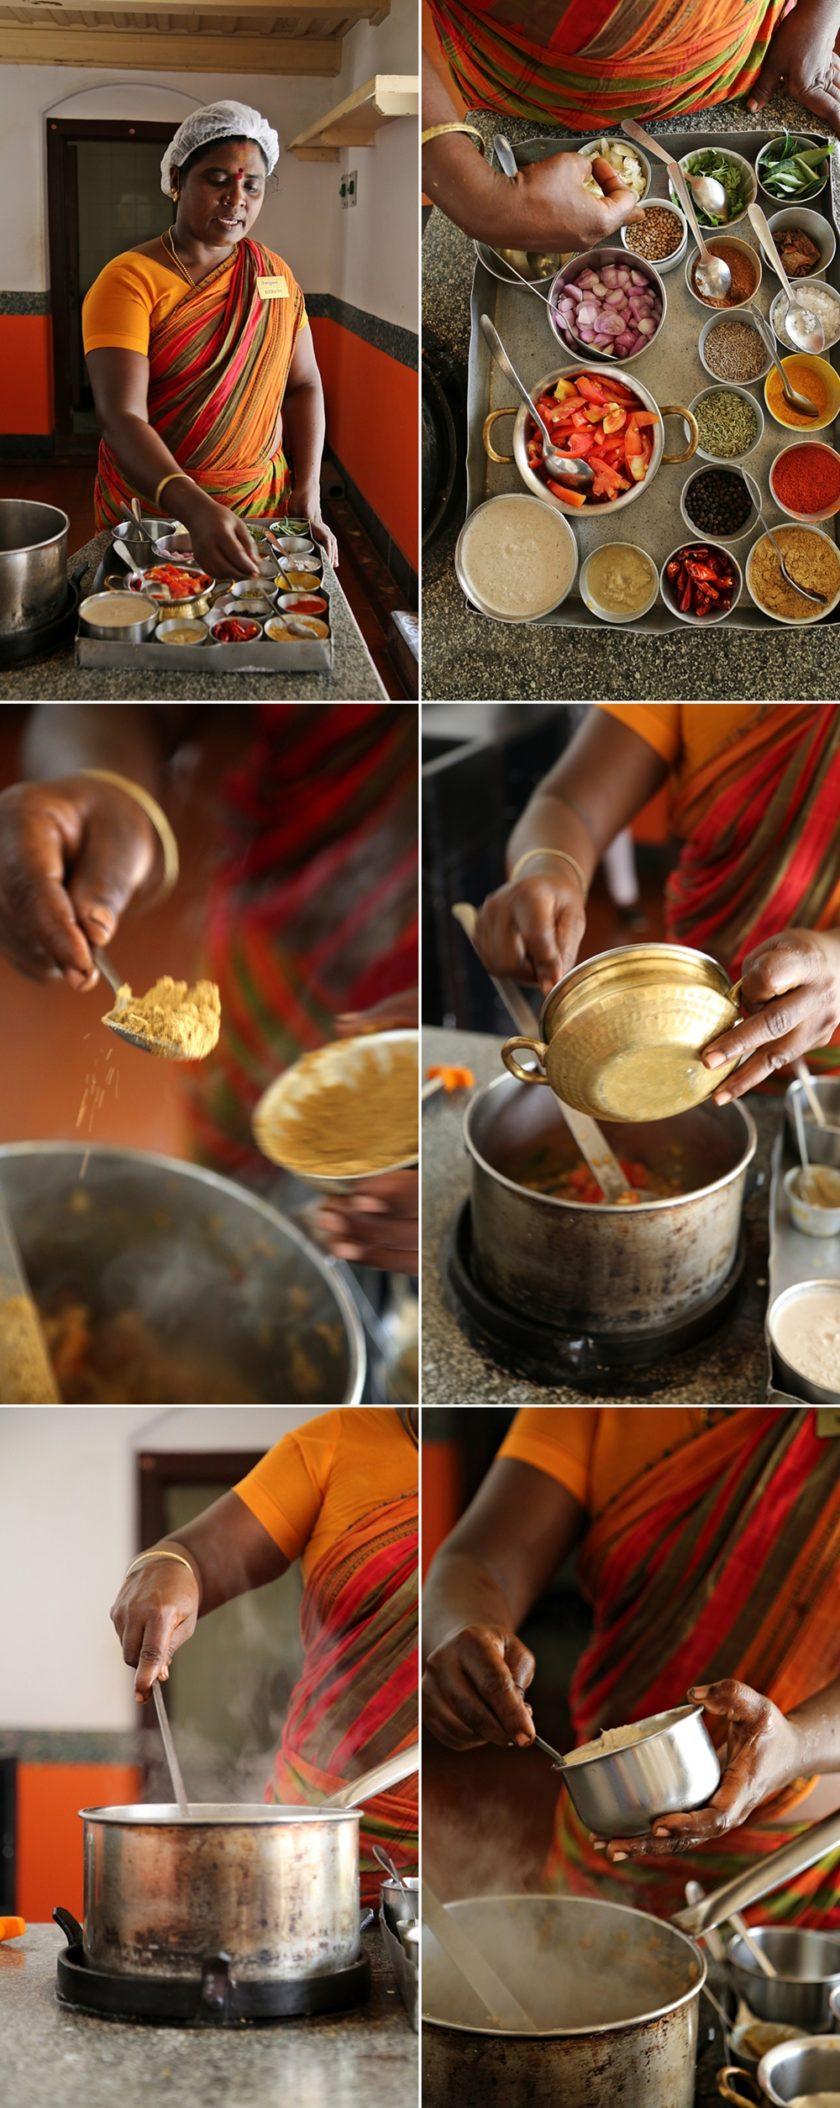 Masterclass, Chicken Chettinad, Chettinadu cuisine, Chidambaram Vilas, Karaikudi, Chettinad, South India